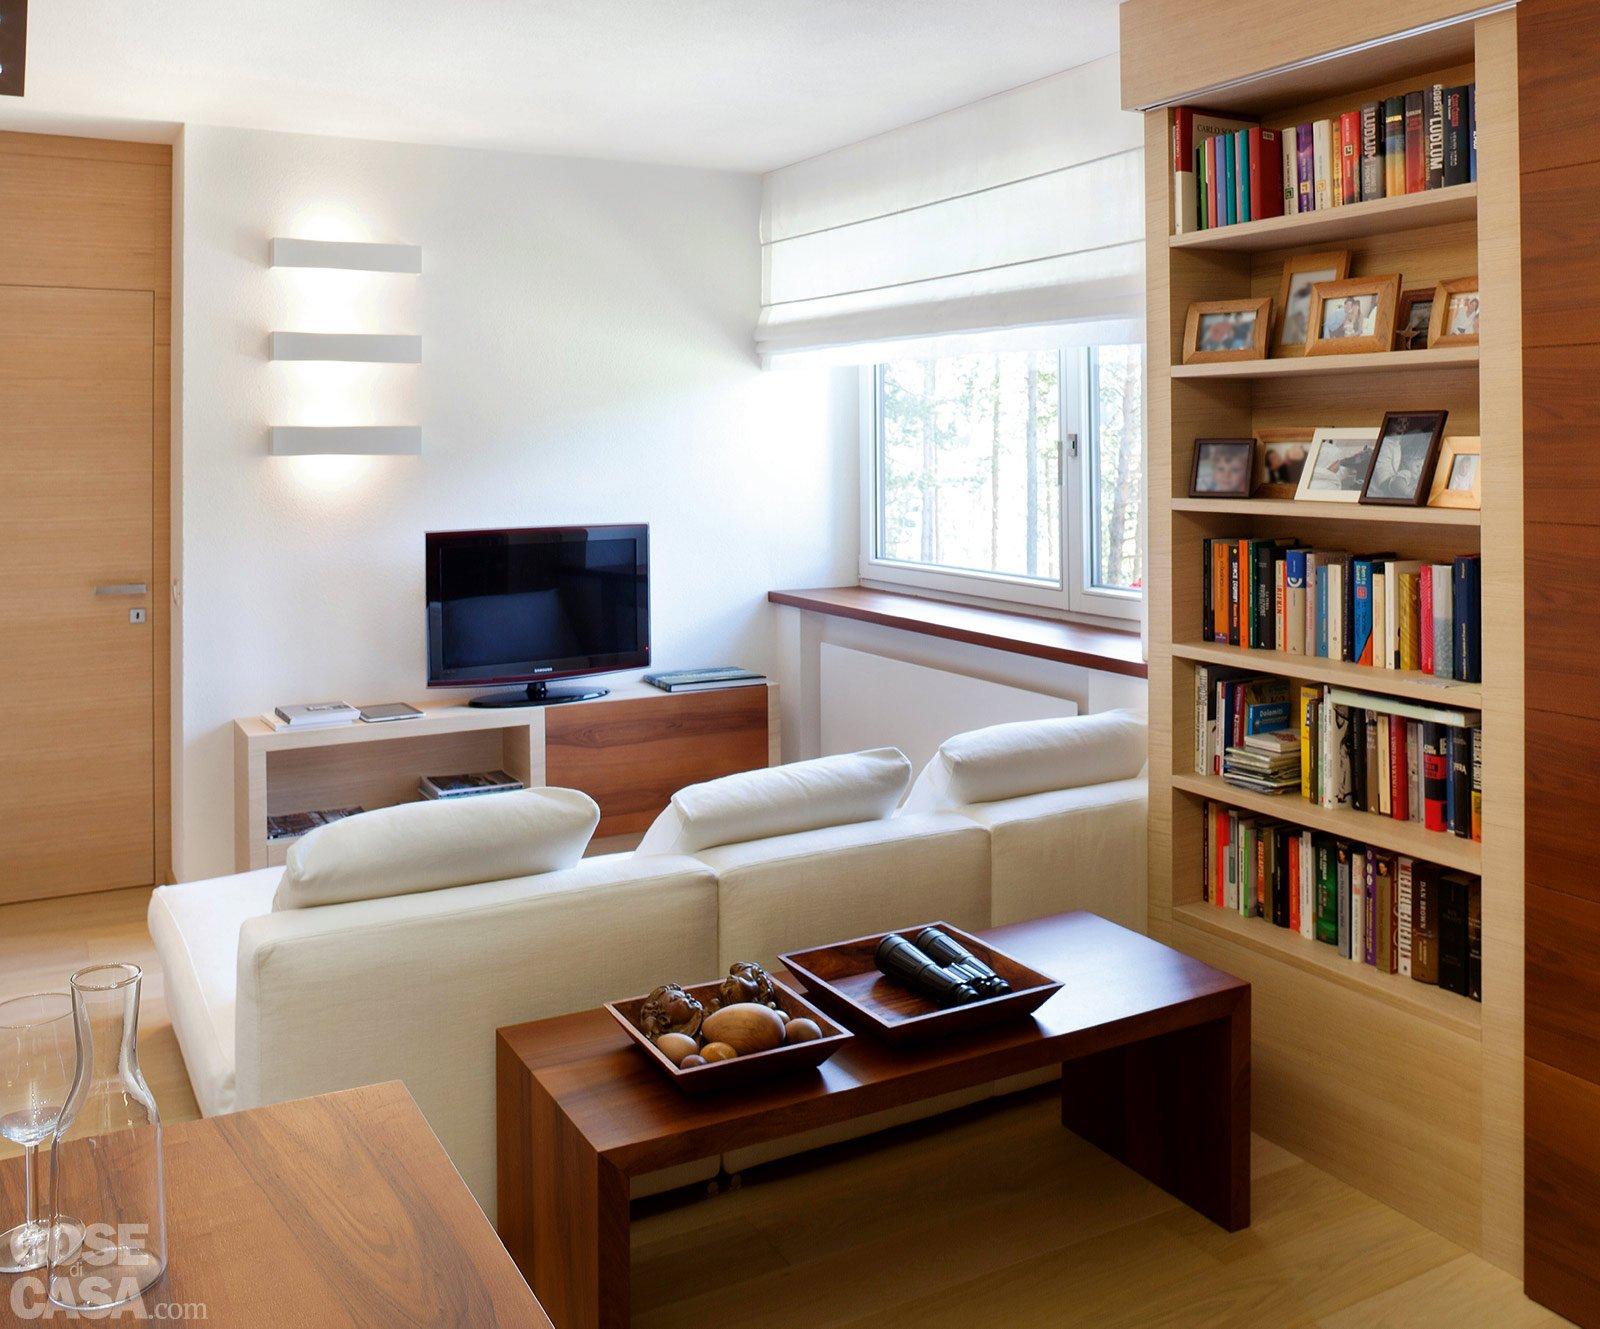 57 mq una casa con stanze trasformabili cose di casa for Salotto con libreria